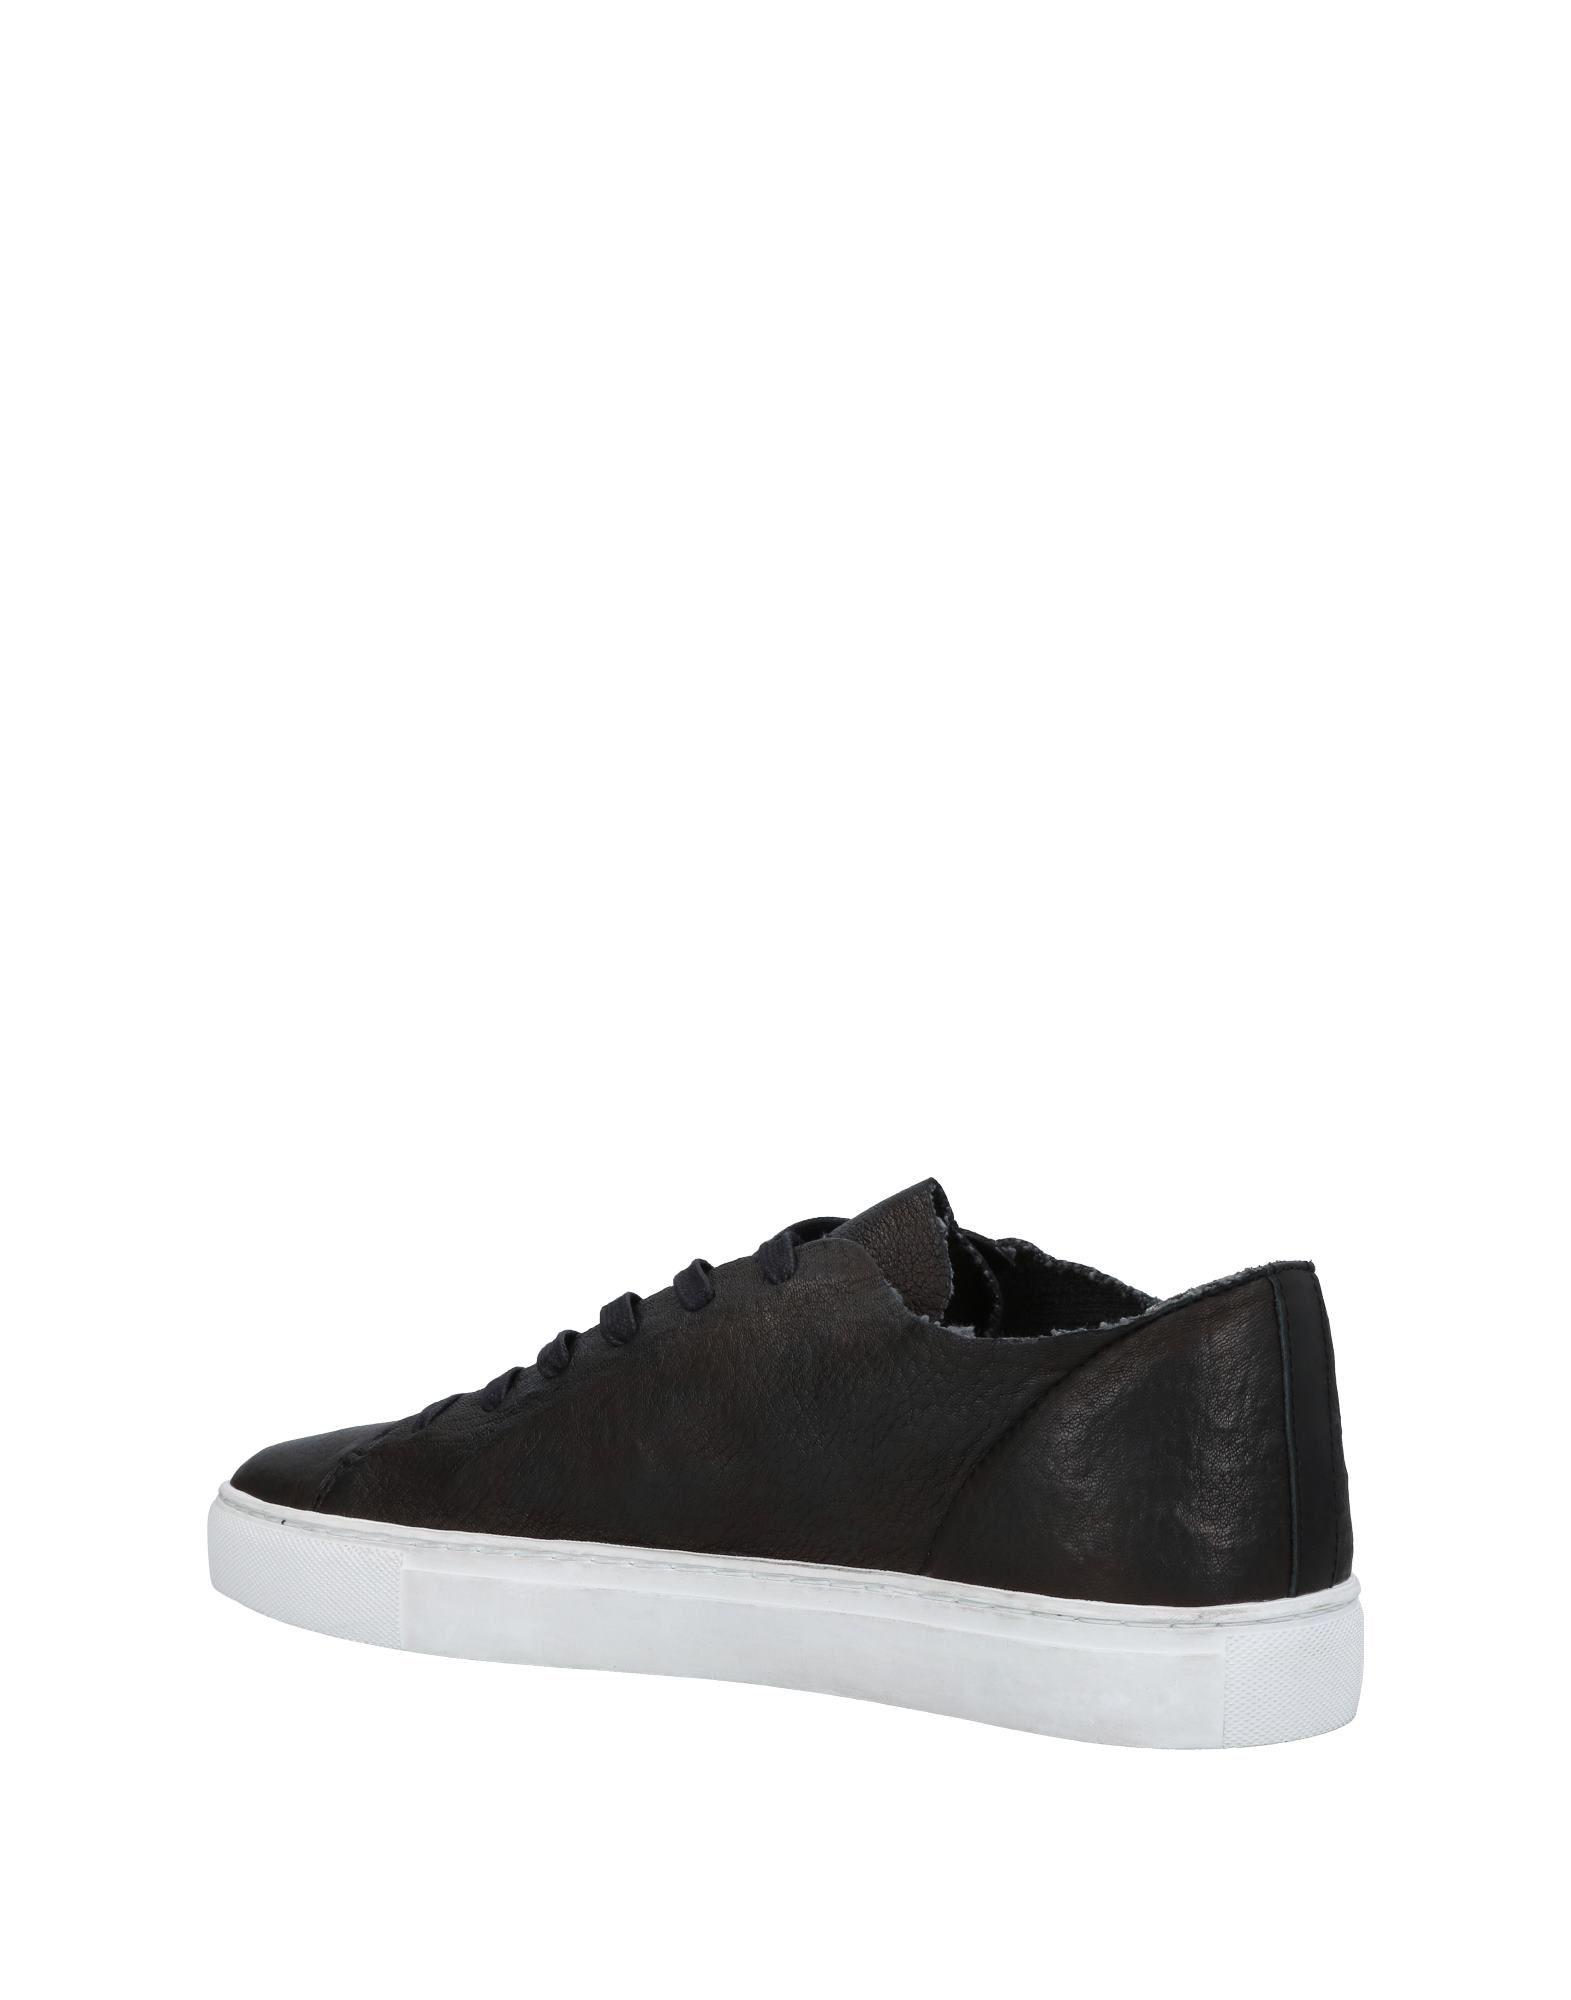 Rabatt London echte Schuhe Crime London Rabatt Sneakers Herren  11396398QC 0c59a6